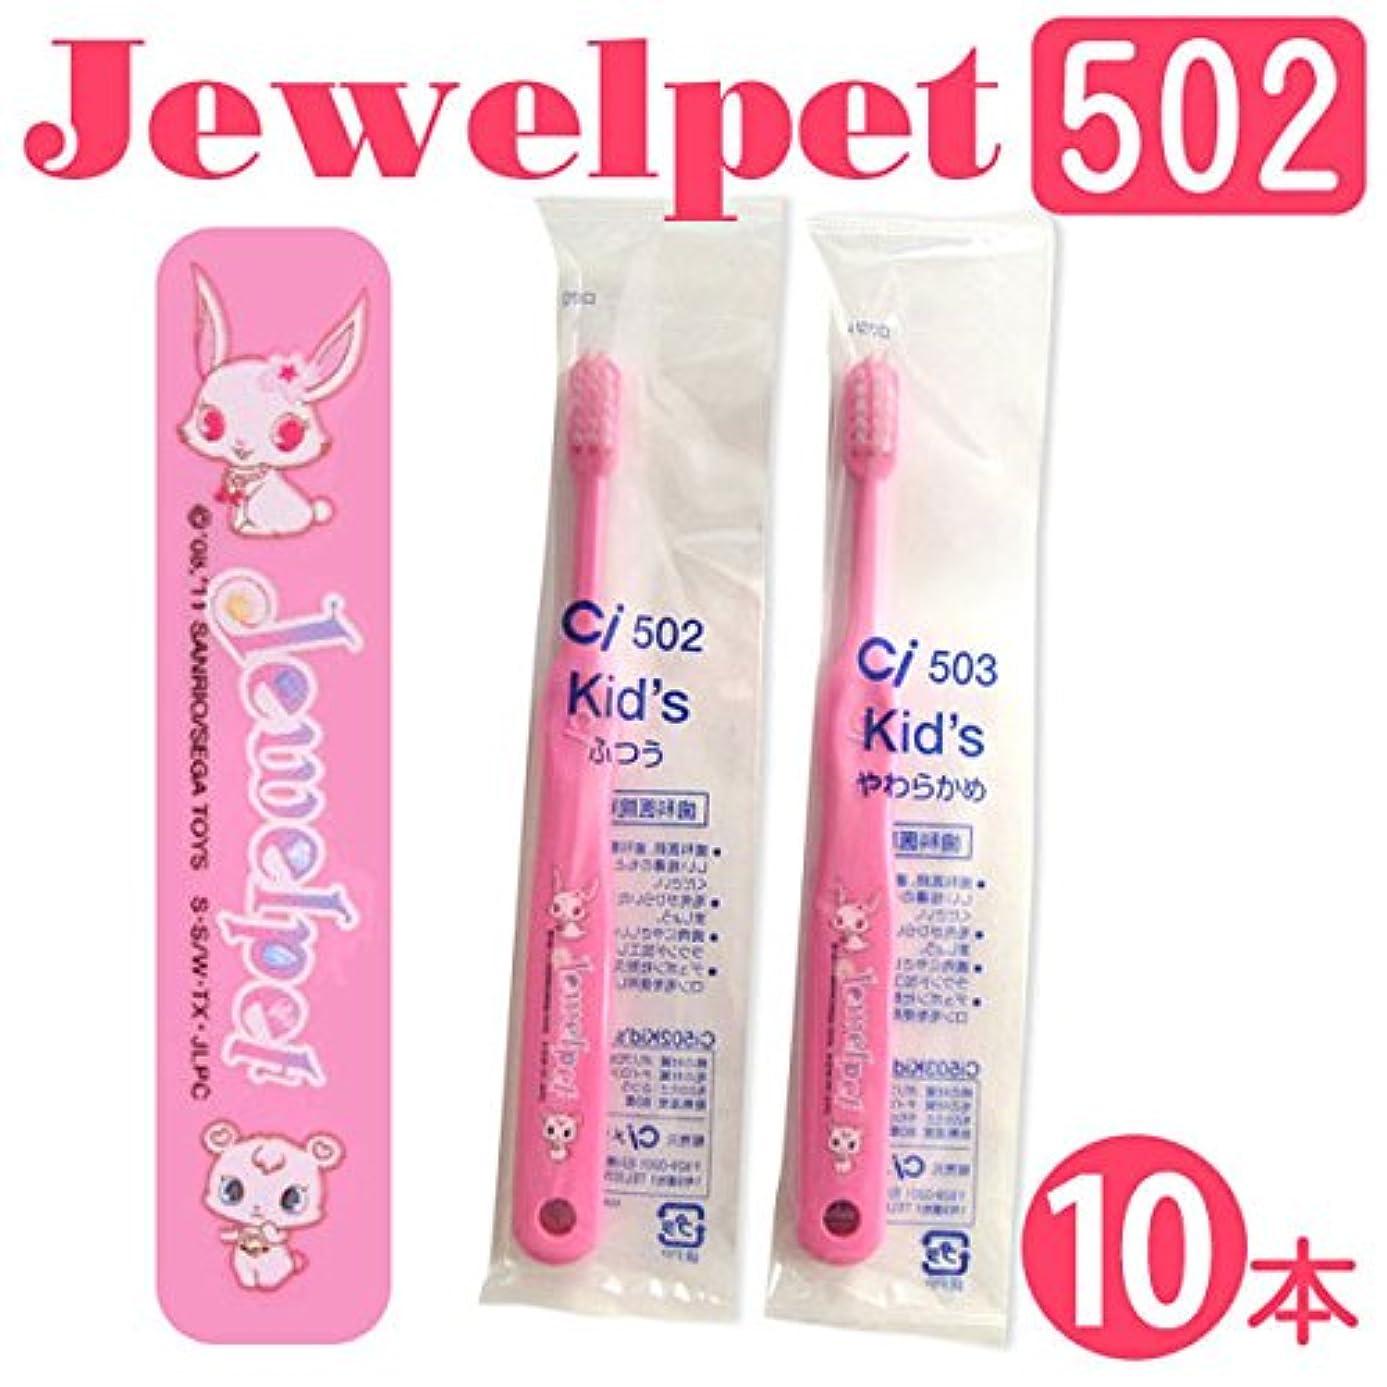 論理的に危険を冒します以前は歯科医院専売品 Ci サンリオ 502(ふつう) ジュエルペットフリル 子供(こども) 10本セット (ジュエルペット(ピンク))